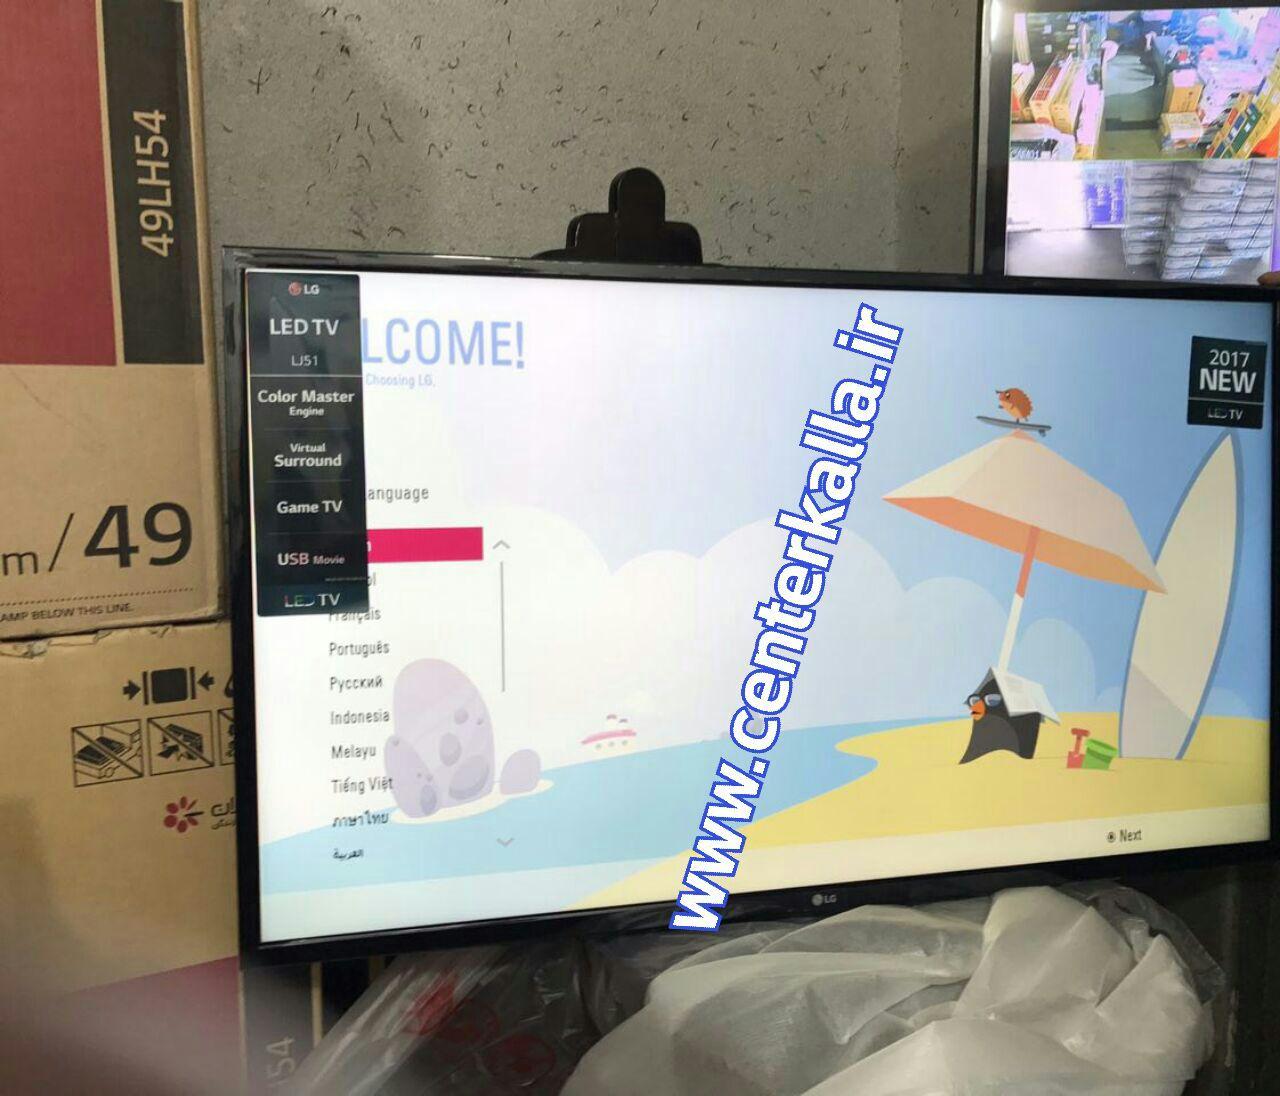 تلویزیون ال ای دی ال جی LG مدل LH510 با 2 تا گیرنده داخلی usb hdmi... کیفیت فول اچ دی ساخت کره